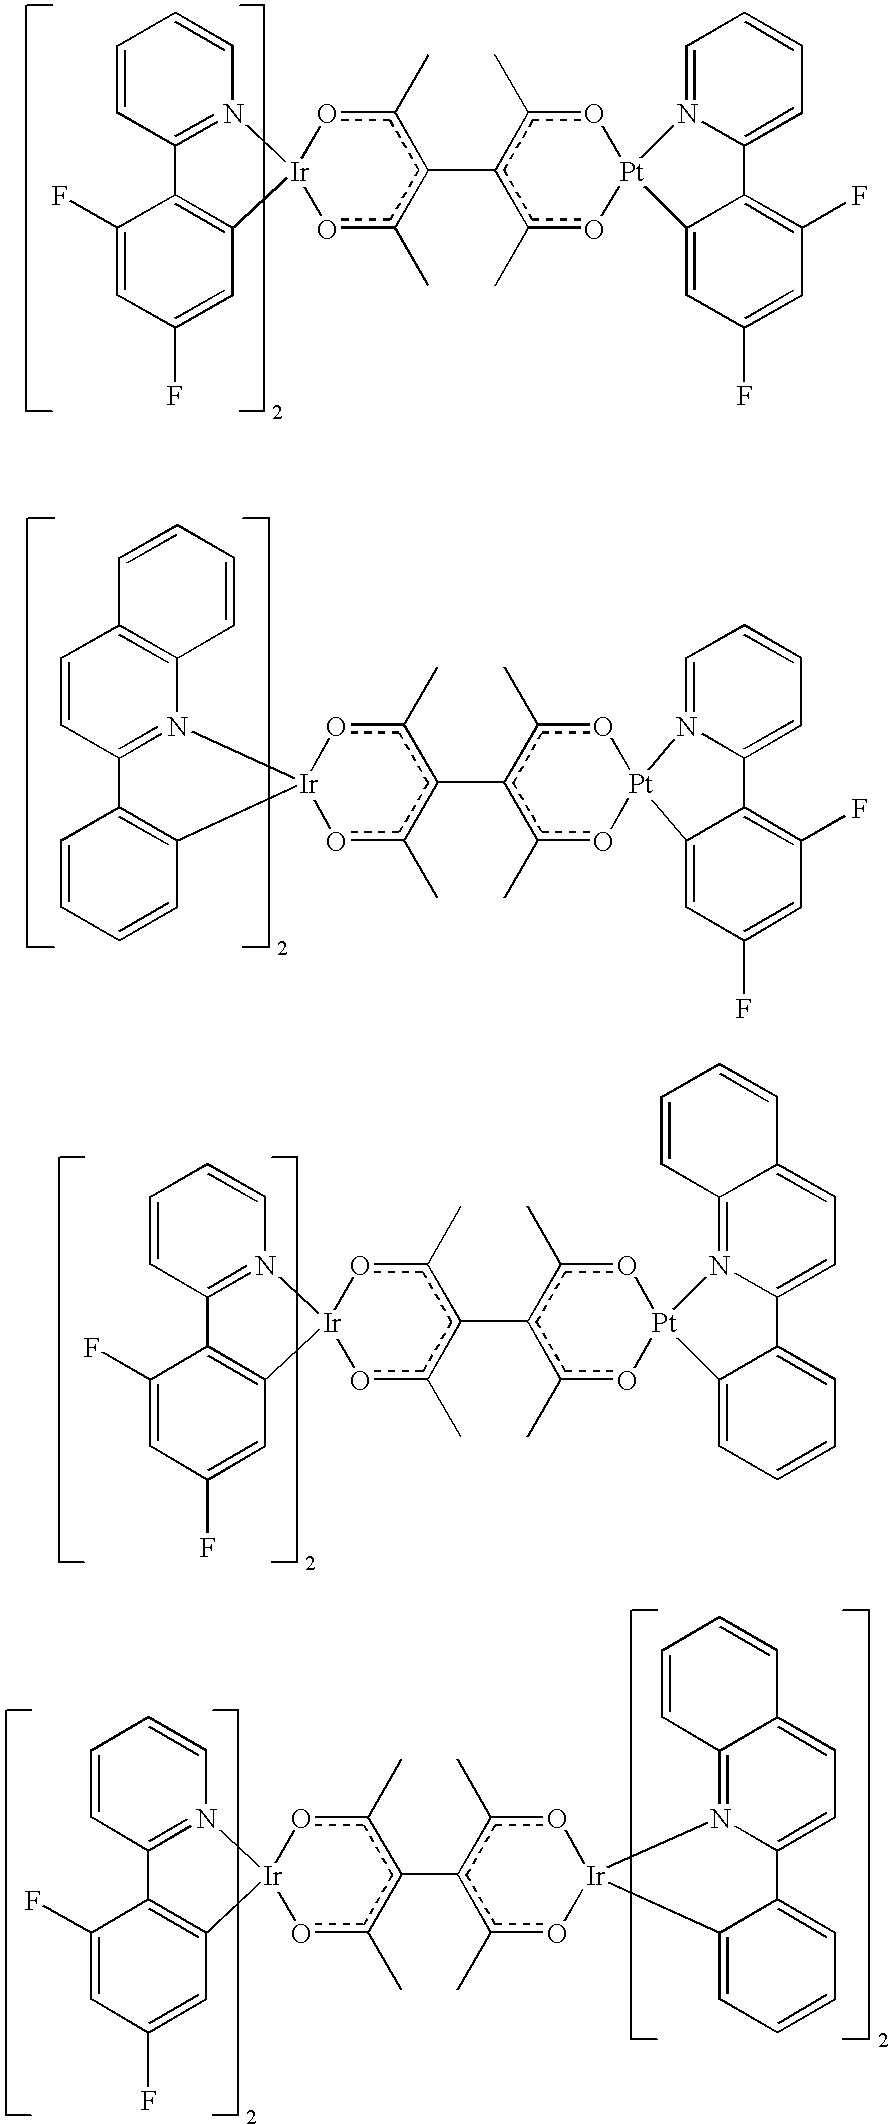 Figure US20050164031A1-20050728-C00010